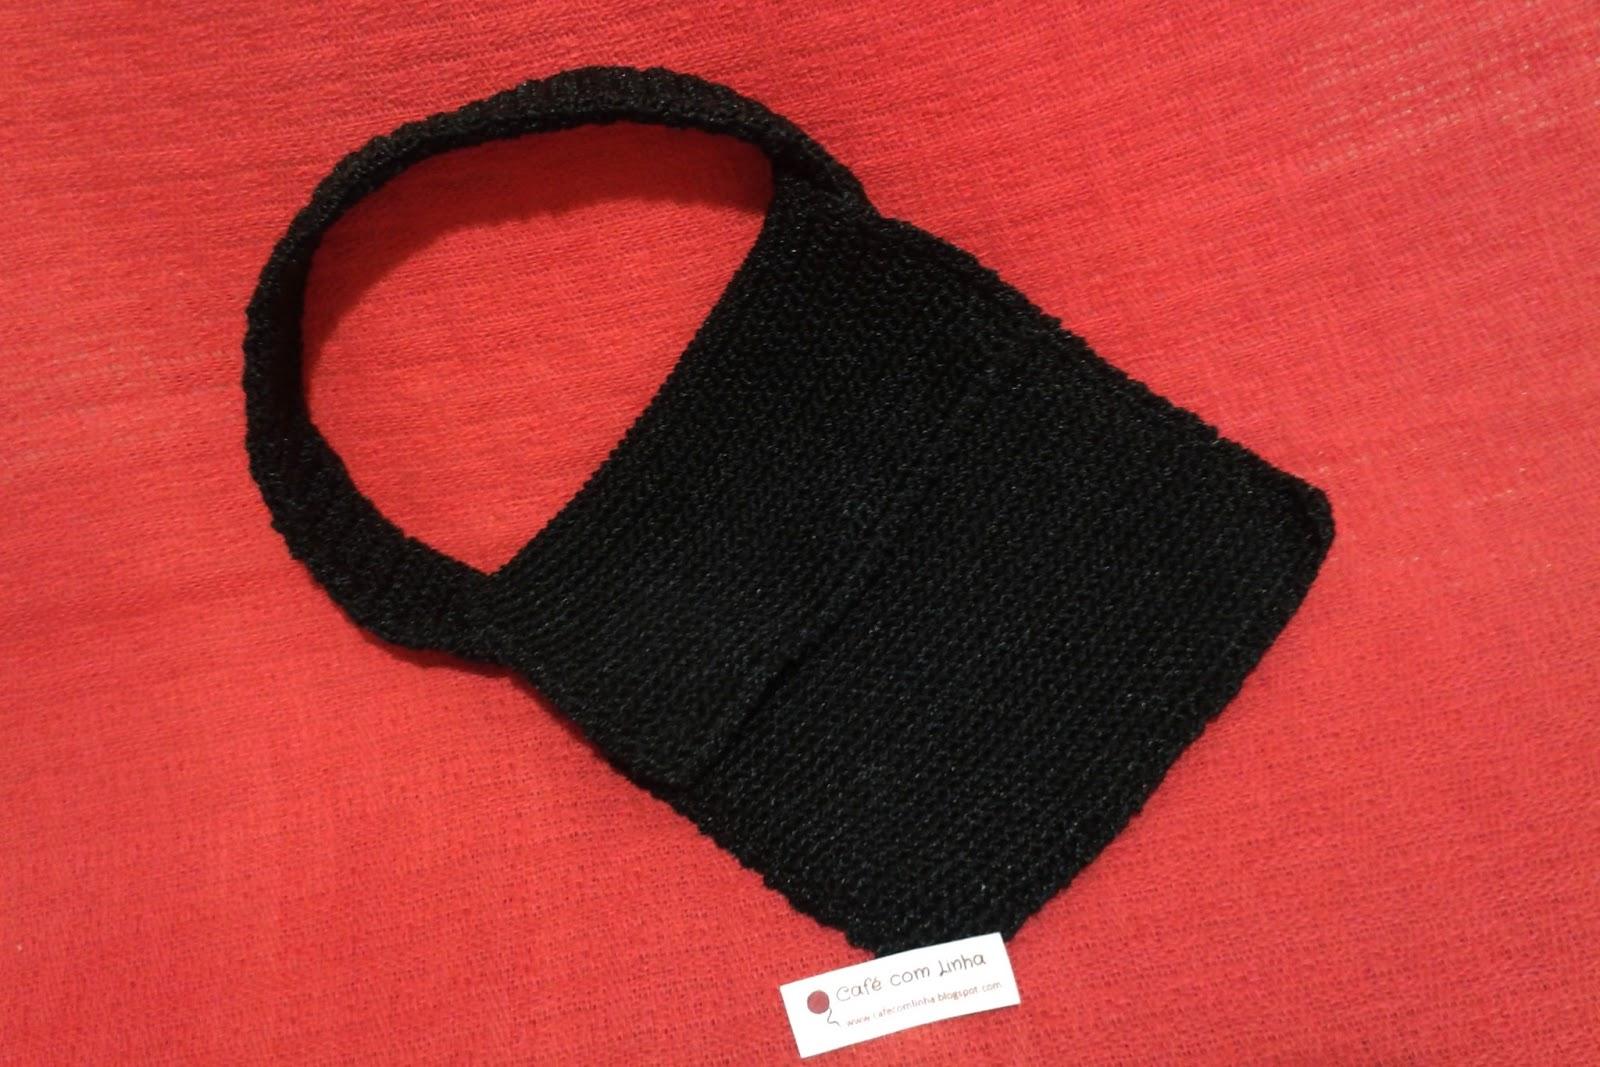 Bolsa De Mão Feita De Croche : Caf? com linha croch? tric? arte bolsa de m?o em